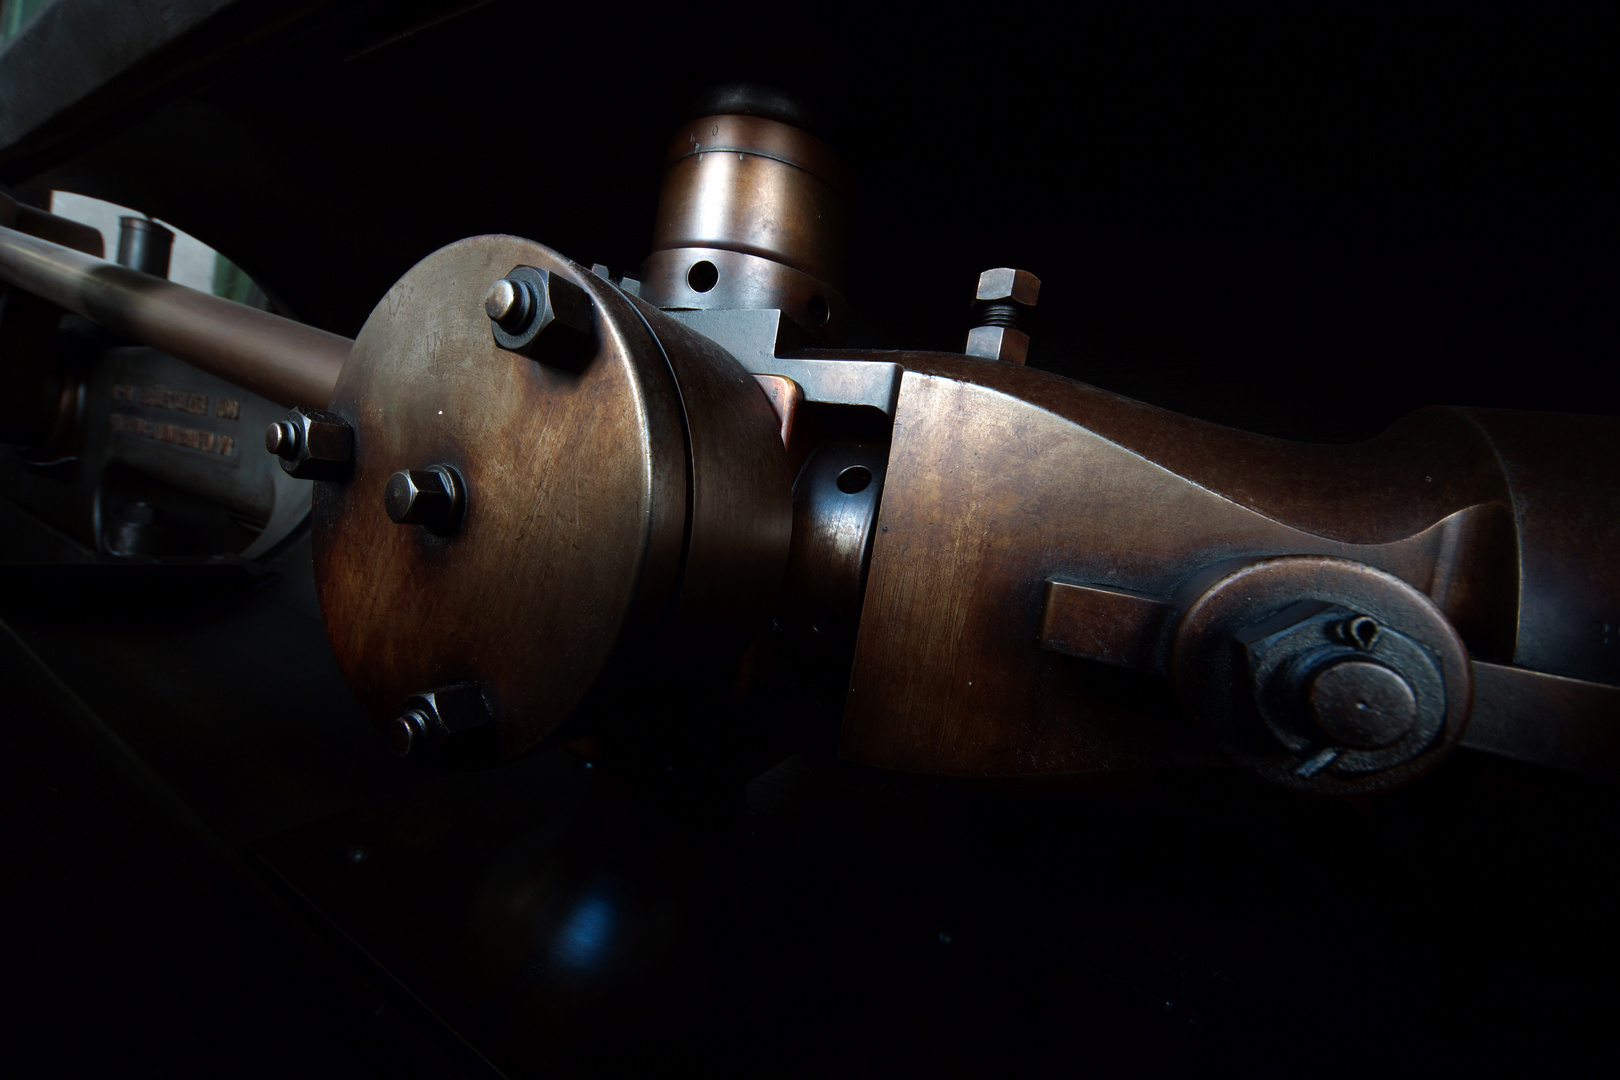 Dampfmaschine von Sulzer aus dem Jahre 1899